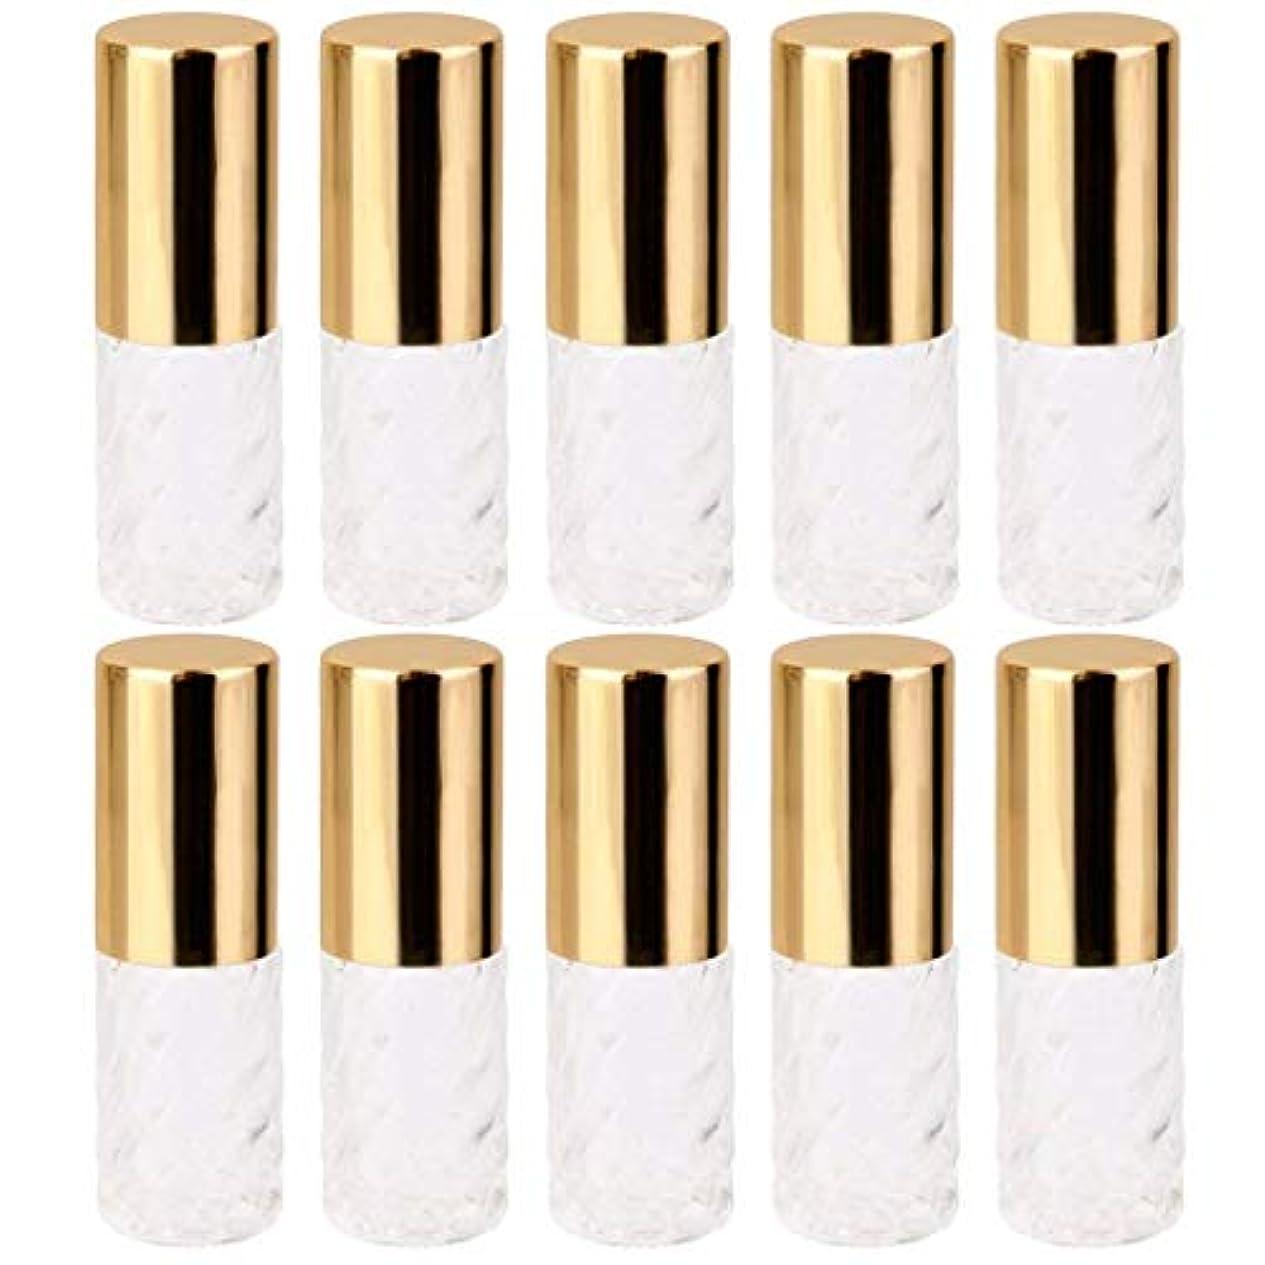 ミス緯度スリム10個 5ml 透明 交換 旅行 空 ロールオン ガラス 香水瓶 容器 コスメ 詰替え 便利